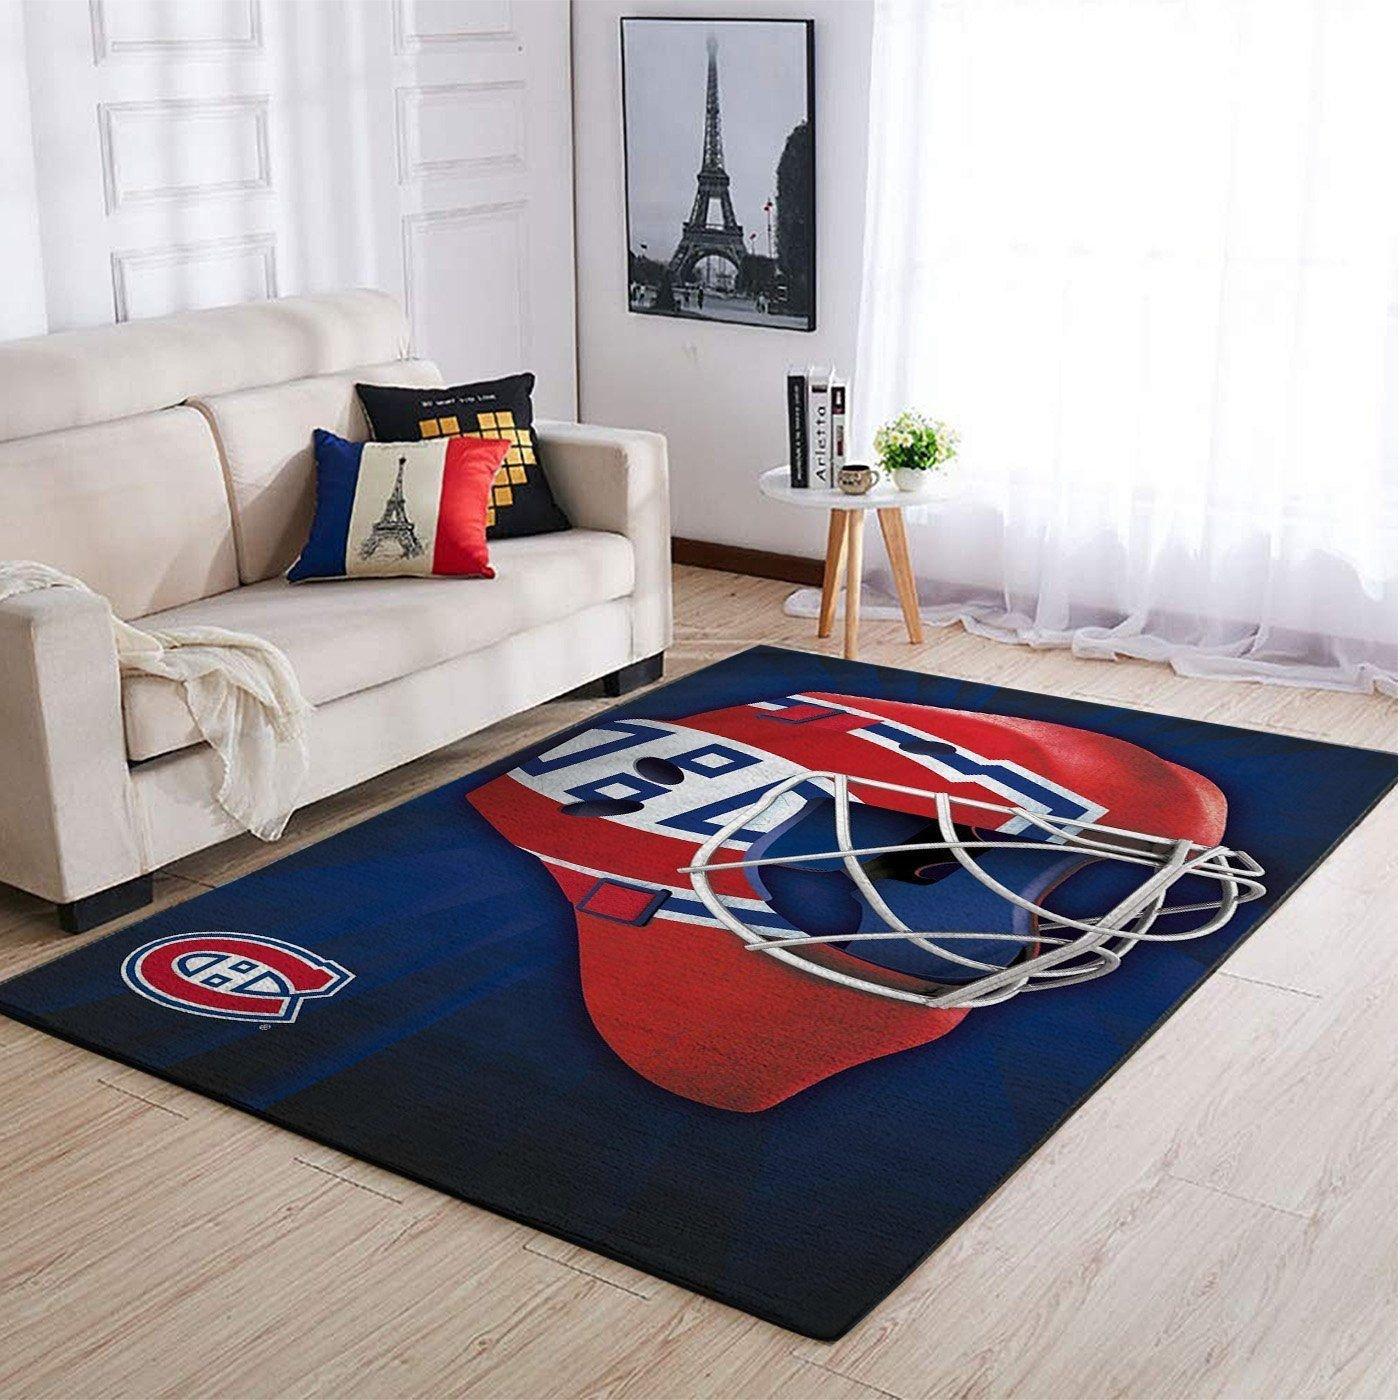 Amazon Montr?al Canadiens Living Room Area No3996 Rug